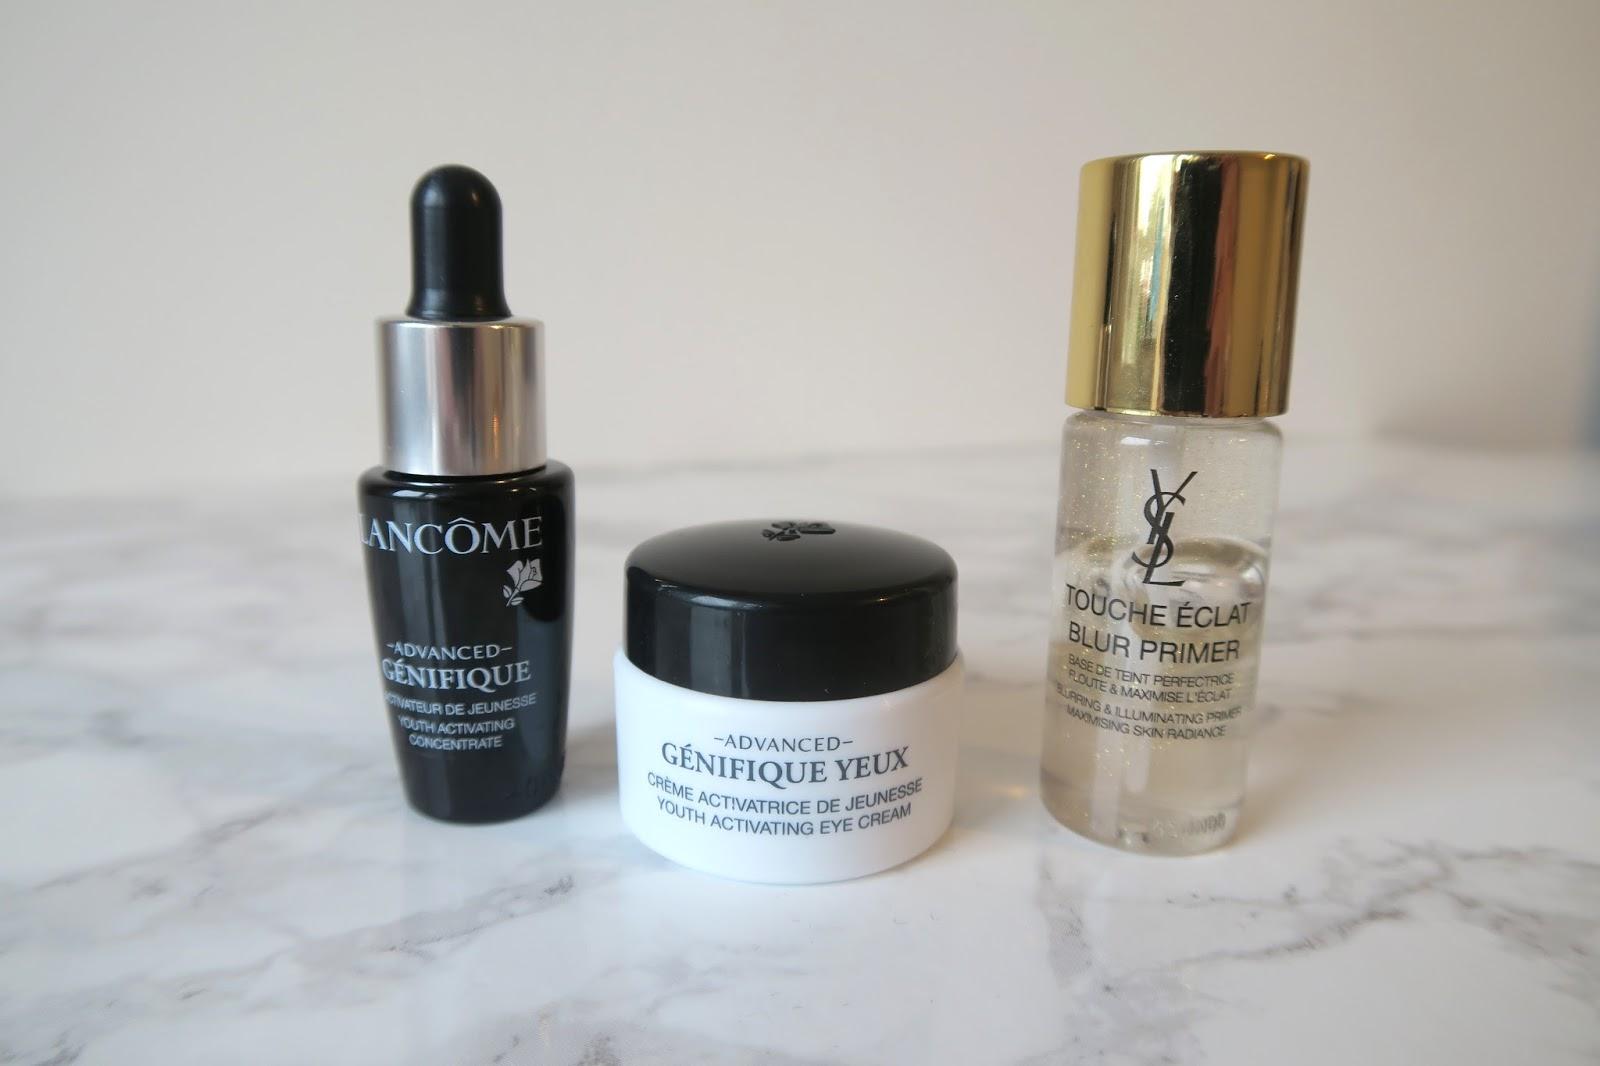 Lancome and YSL skincare